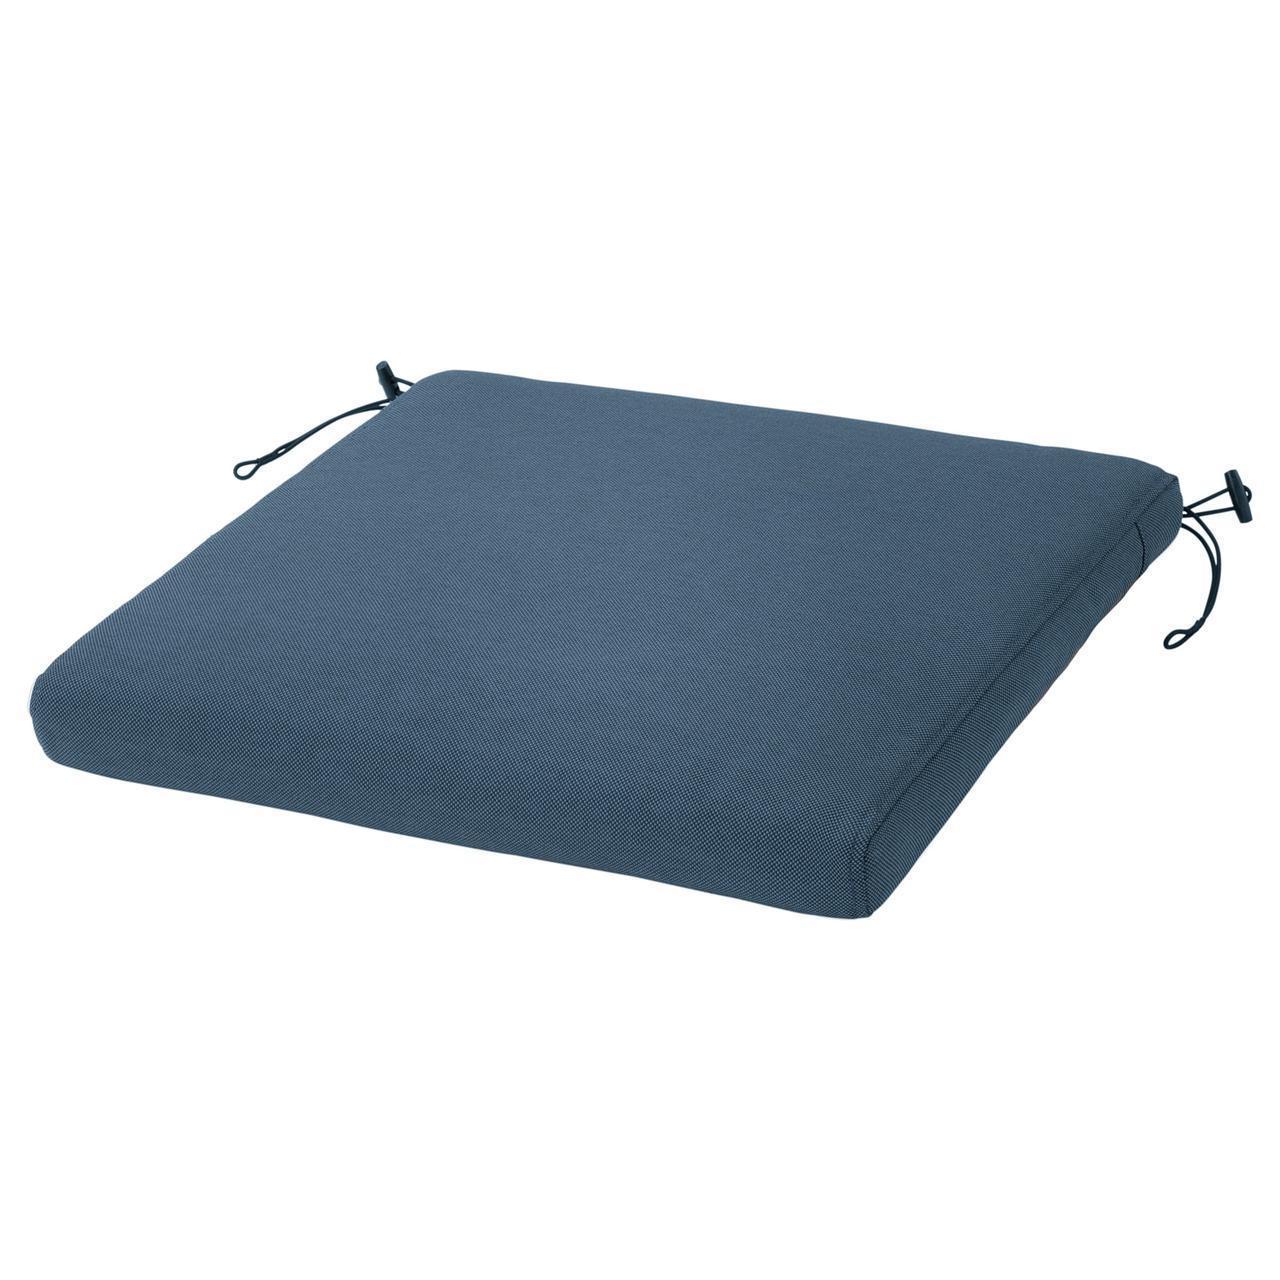 IKEA FROSON/DUVHOLMEN Подушка для садового кресла, синий  (792.534.57)